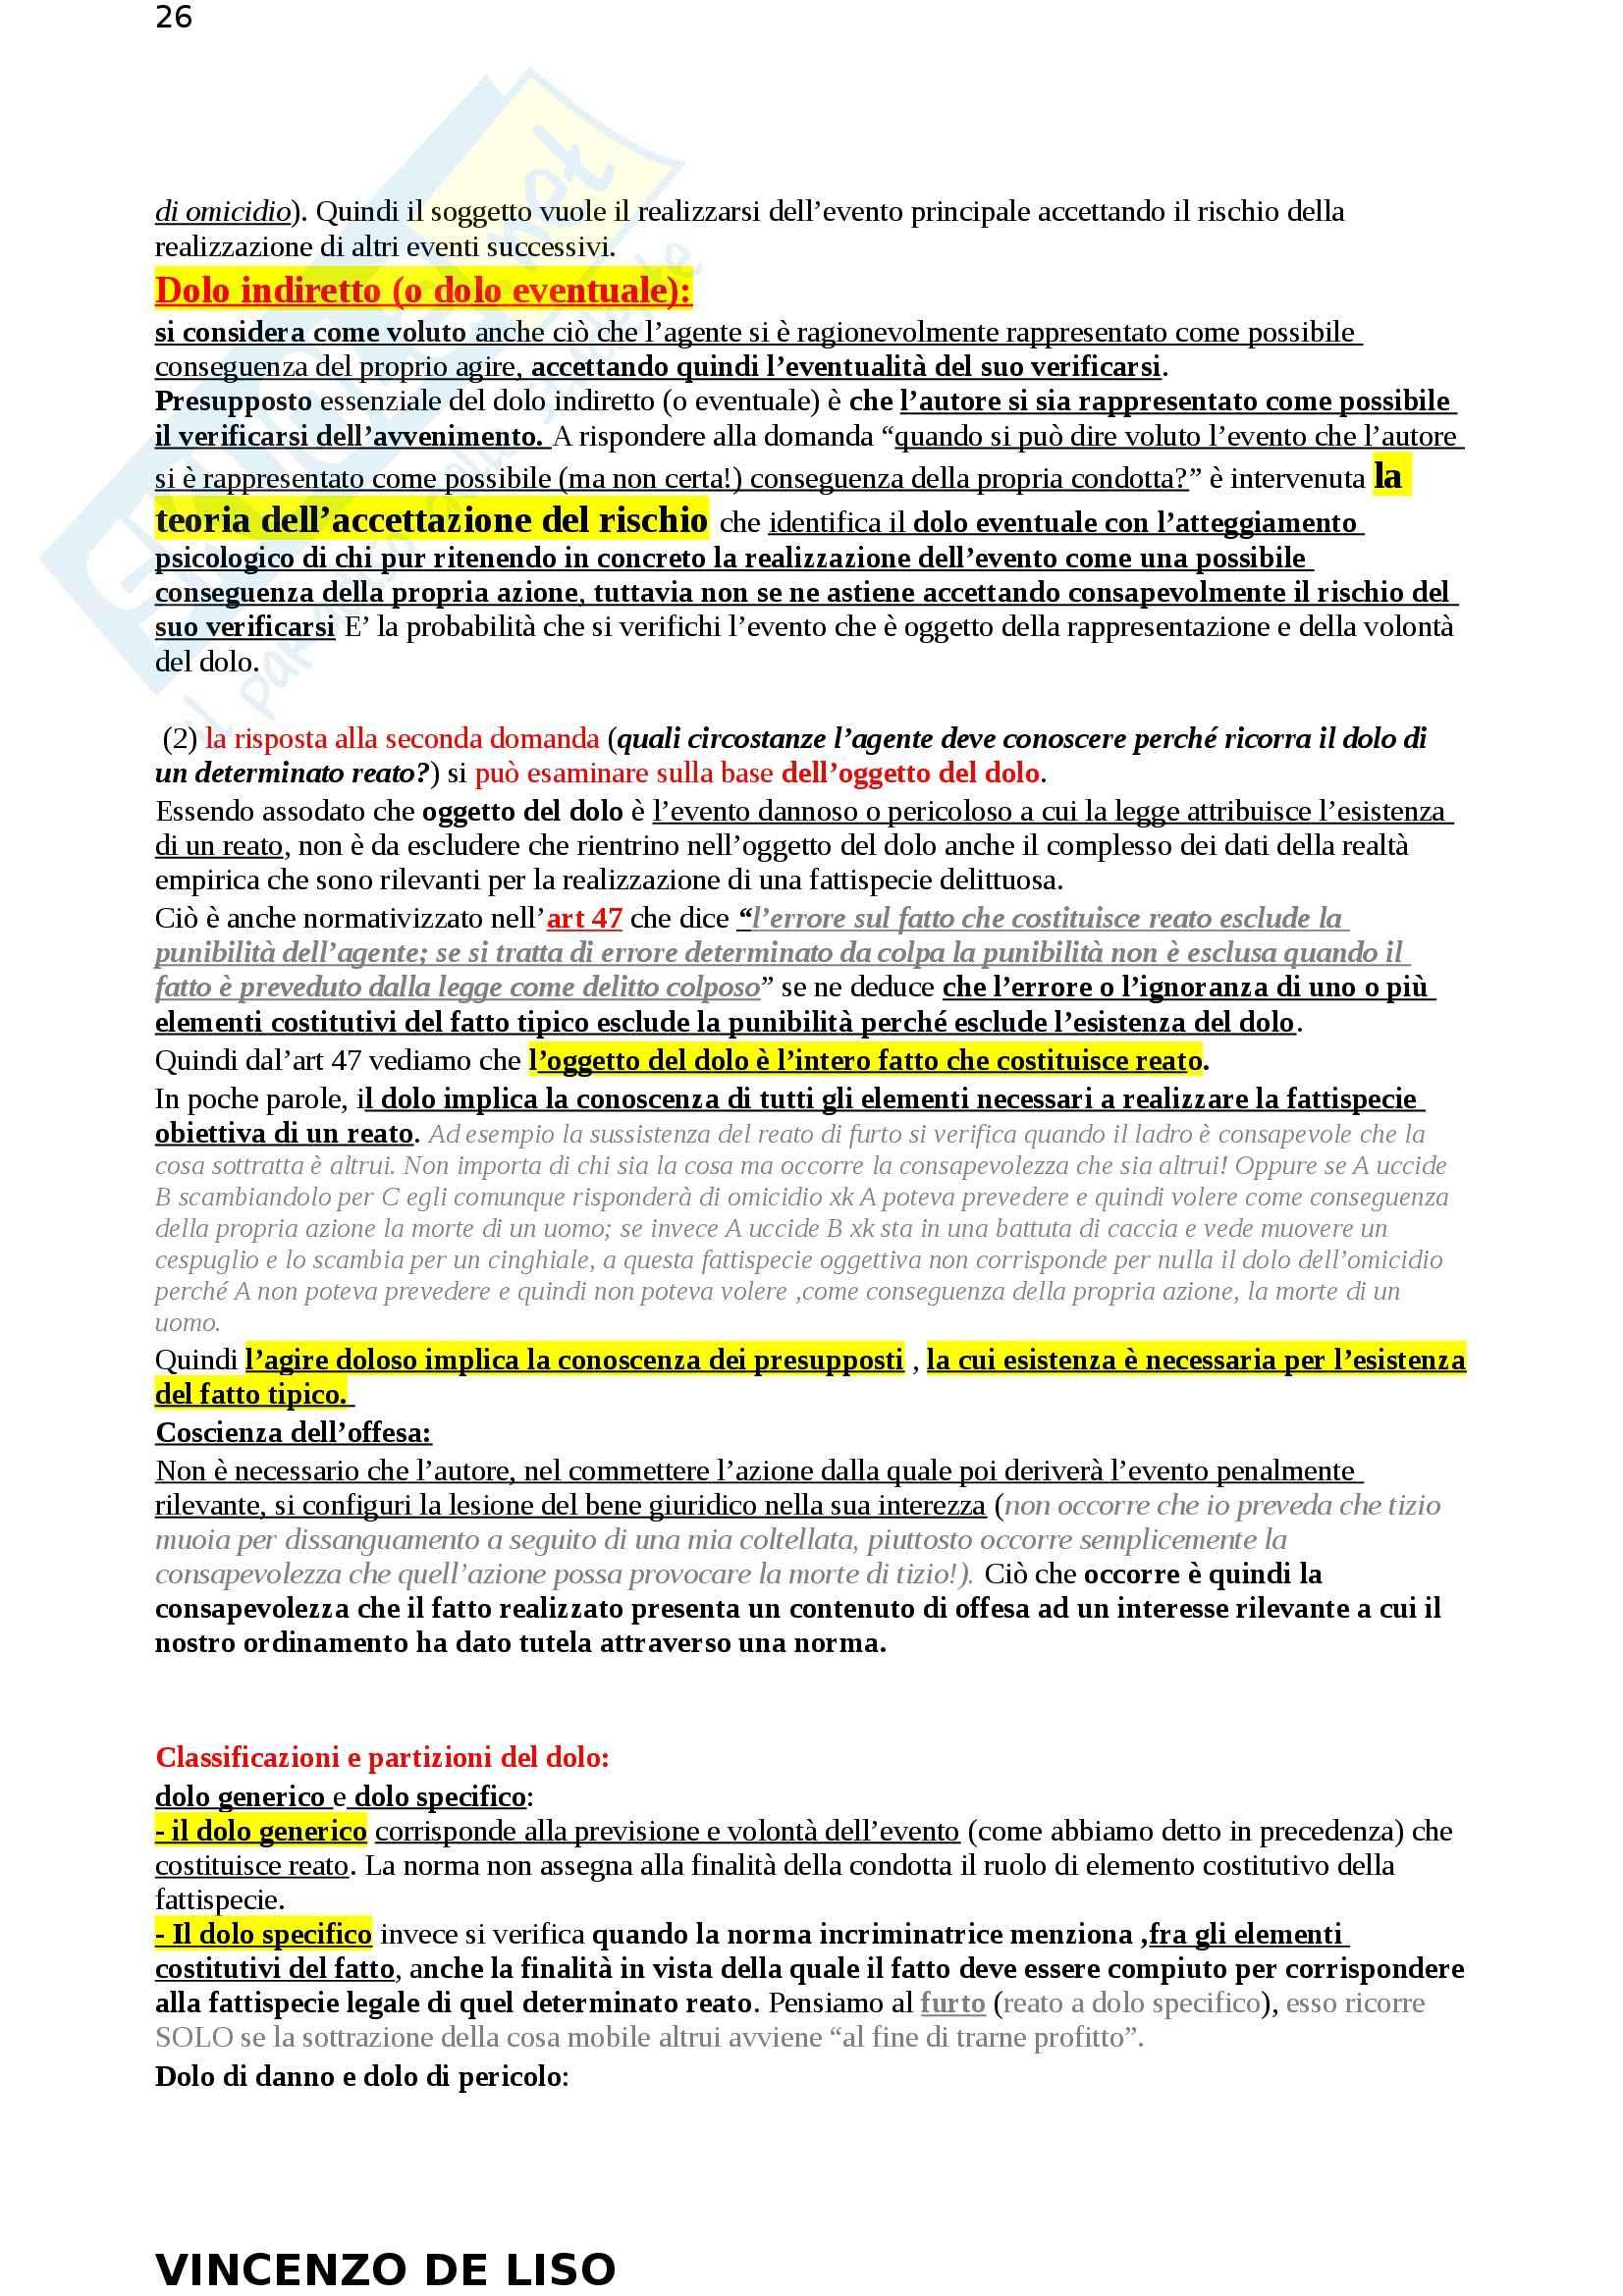 Riassunto esame Diritto Penale, prof. Moccia, libro consigliato Diritto penale, Fiore Pag. 26